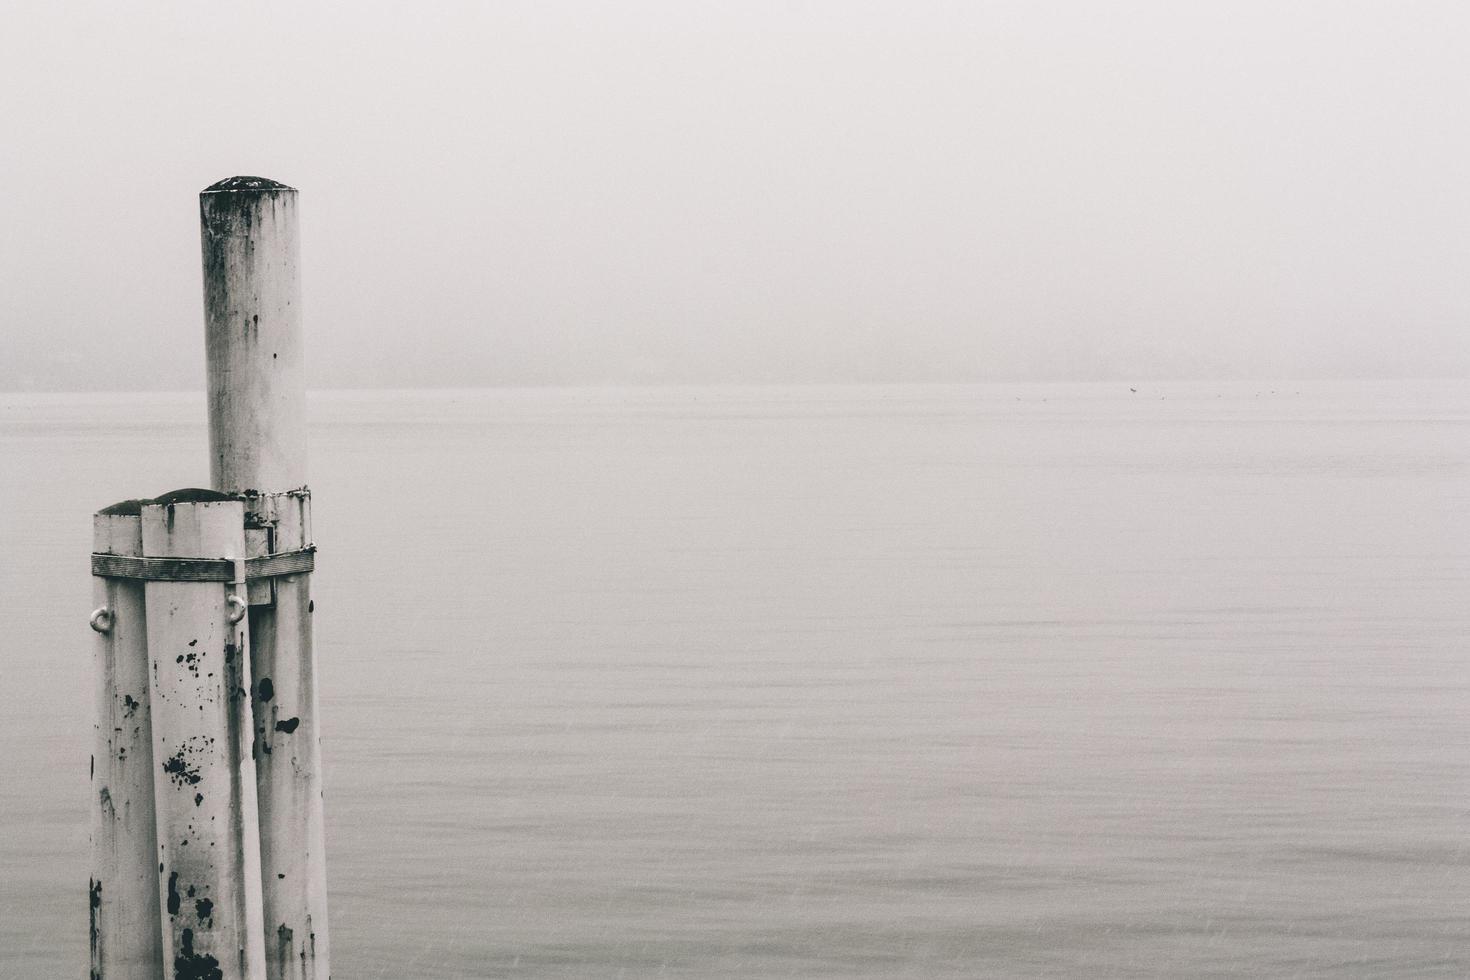 Poste de madera blanca sobre agua de mar foto